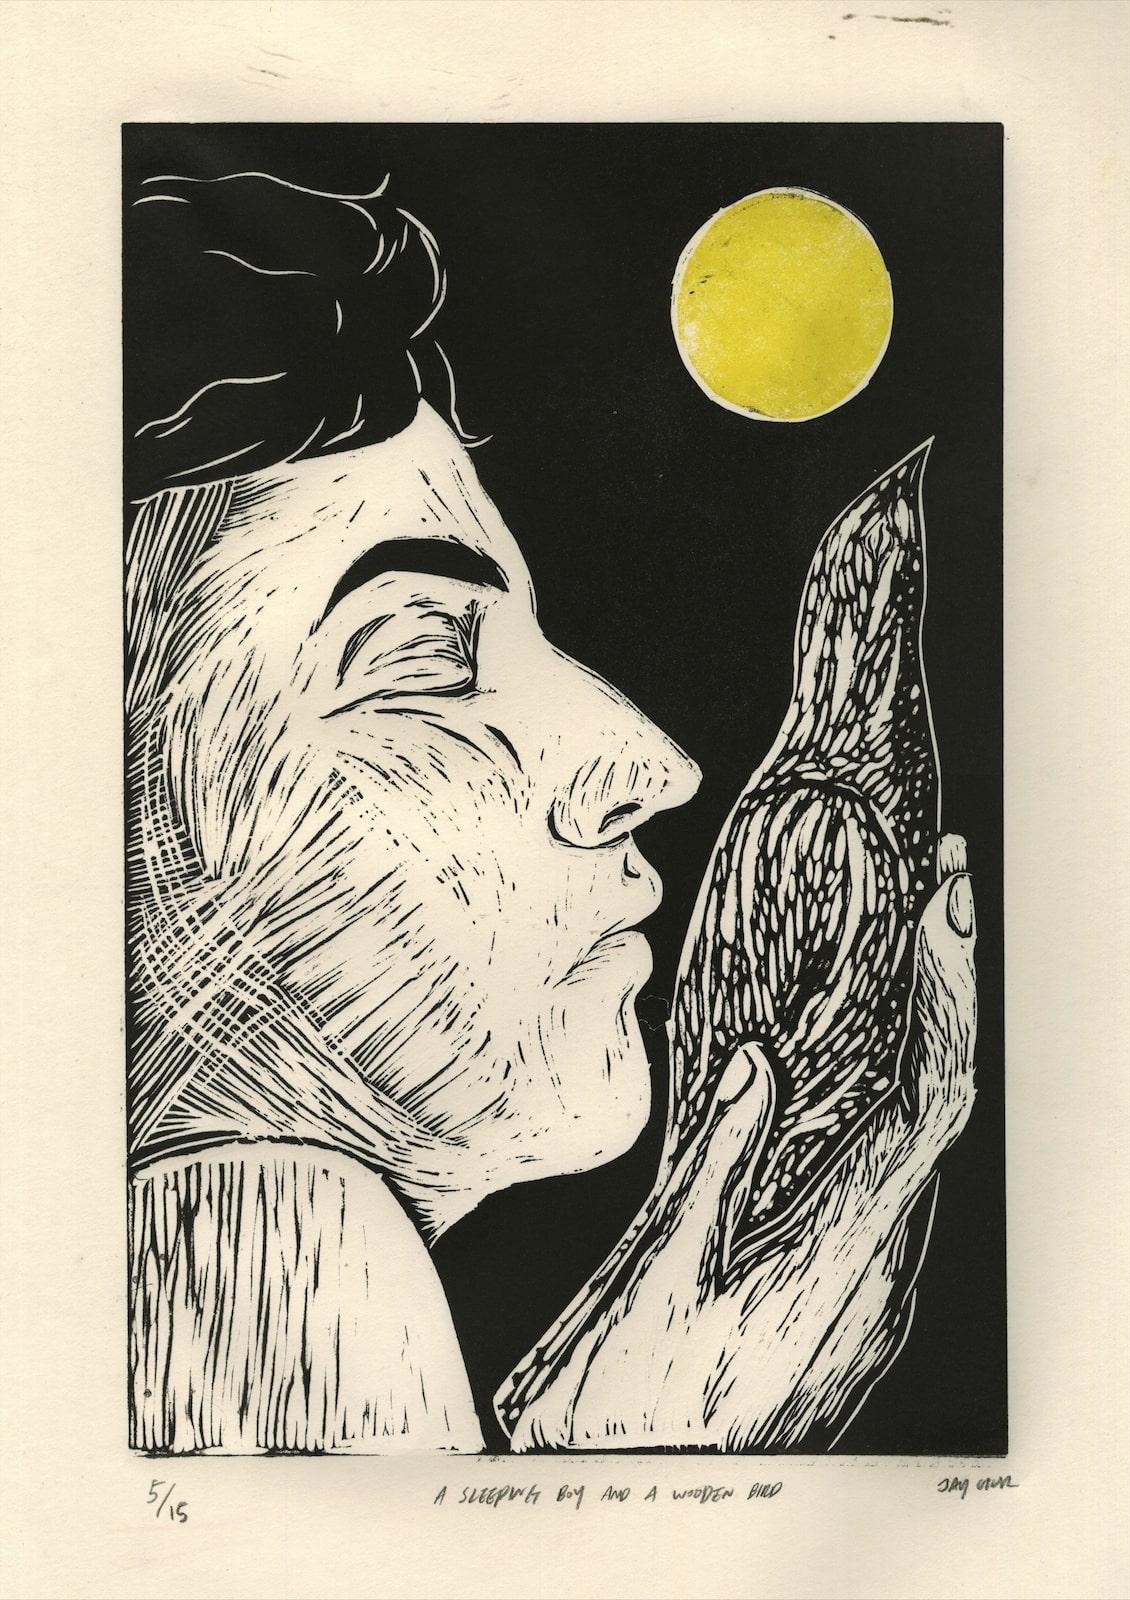 2. Jay Hur_A sleeping boy and a wooden bird_Linocut_45 x 35 cm.jpg